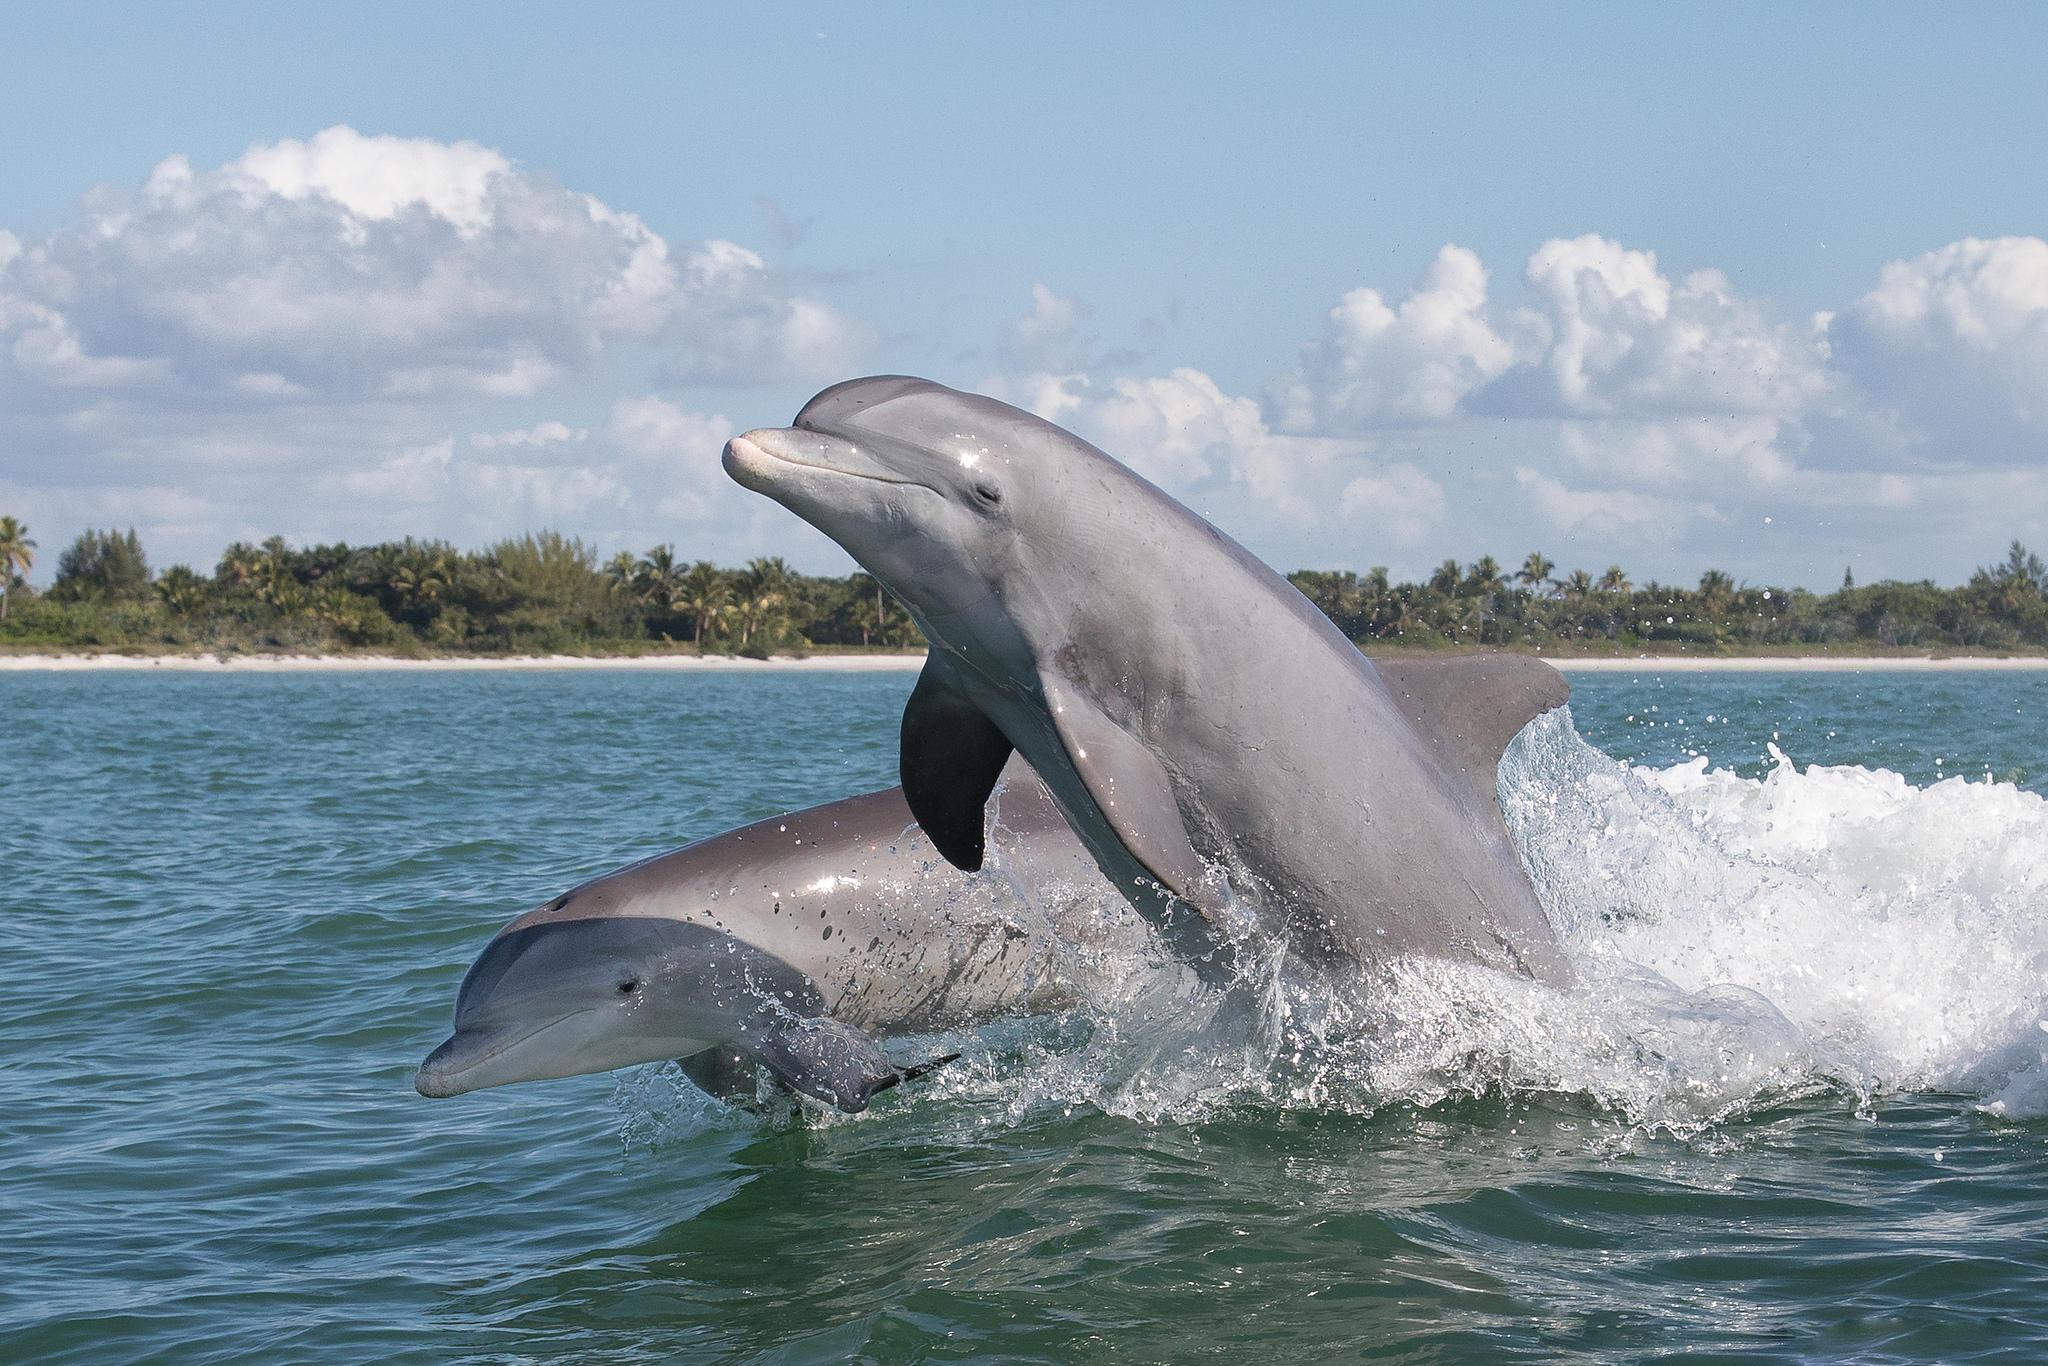 море, волны, дельфины